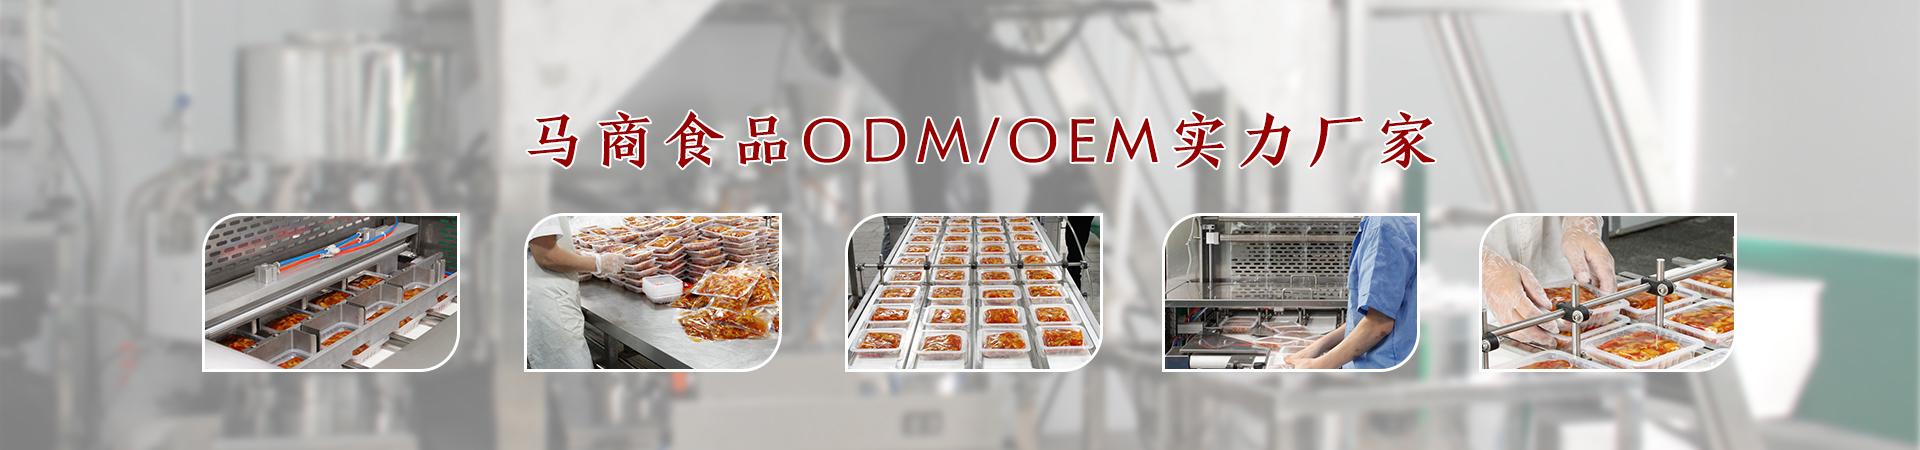 马商食品ODM/OEM实力厂家